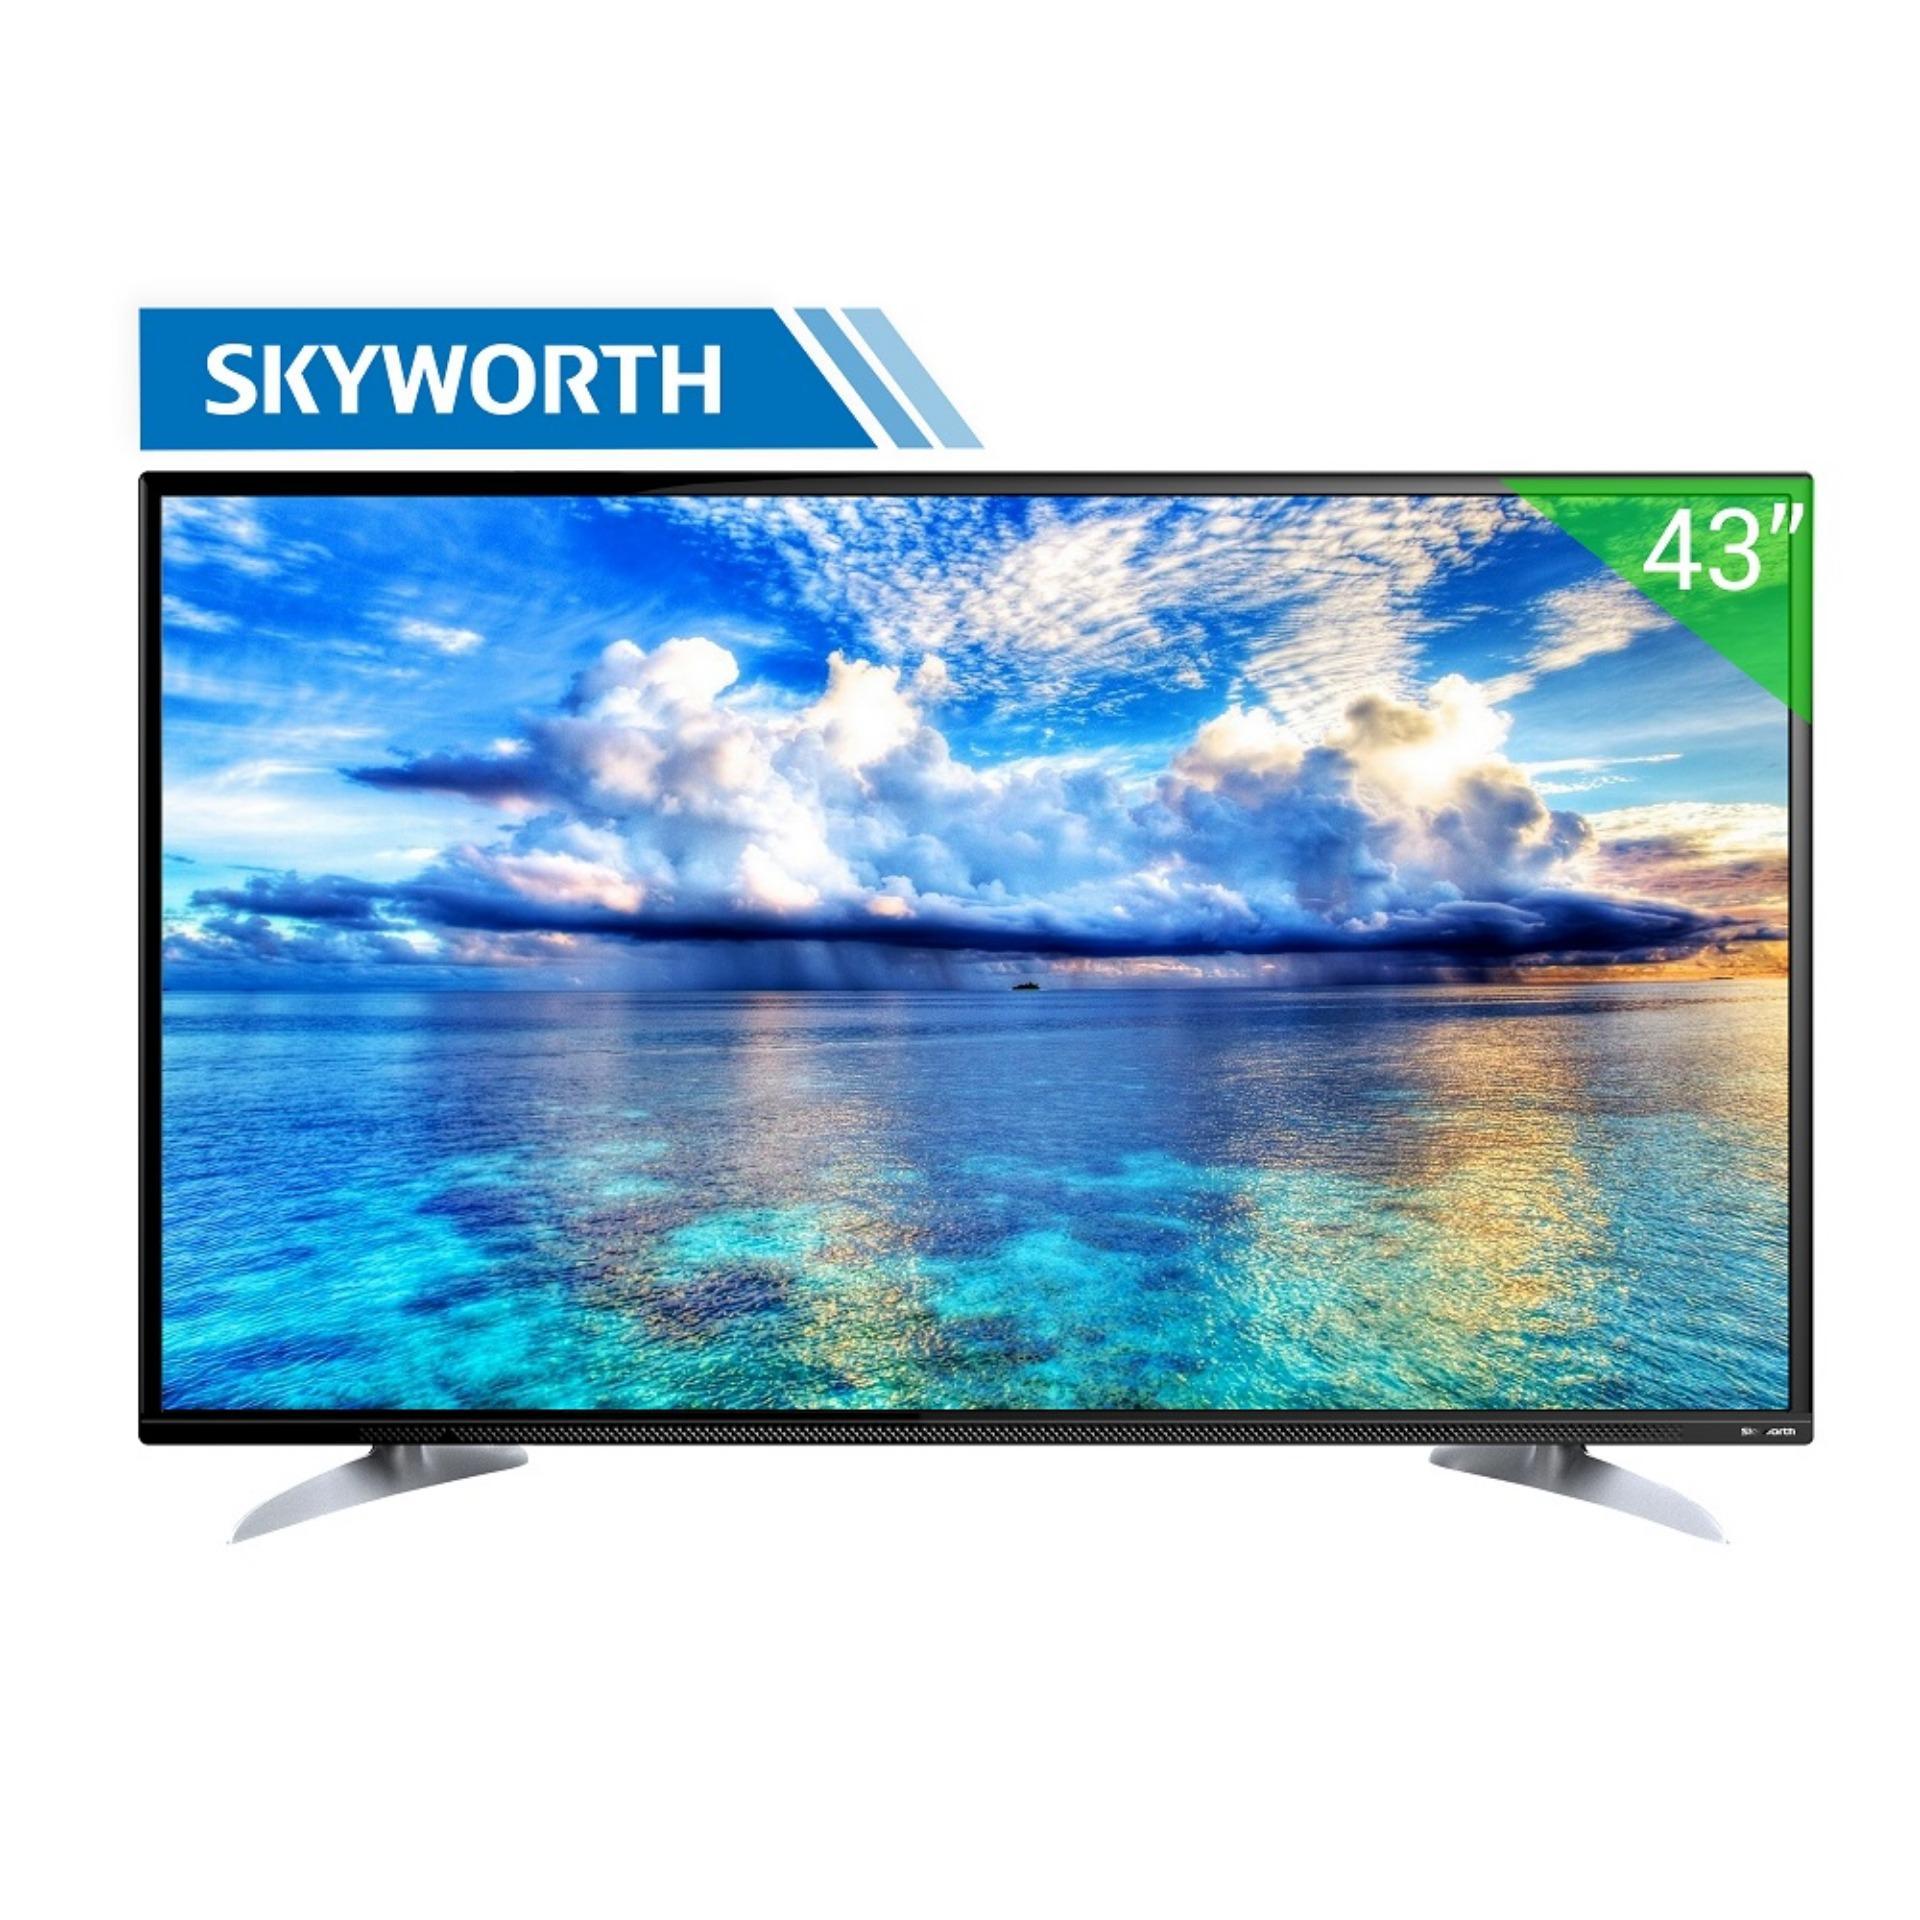 Hình ảnh TV LED Skyworth 43inch HD - Model 43E260 (Đen) - Hãng phân phối chính thức